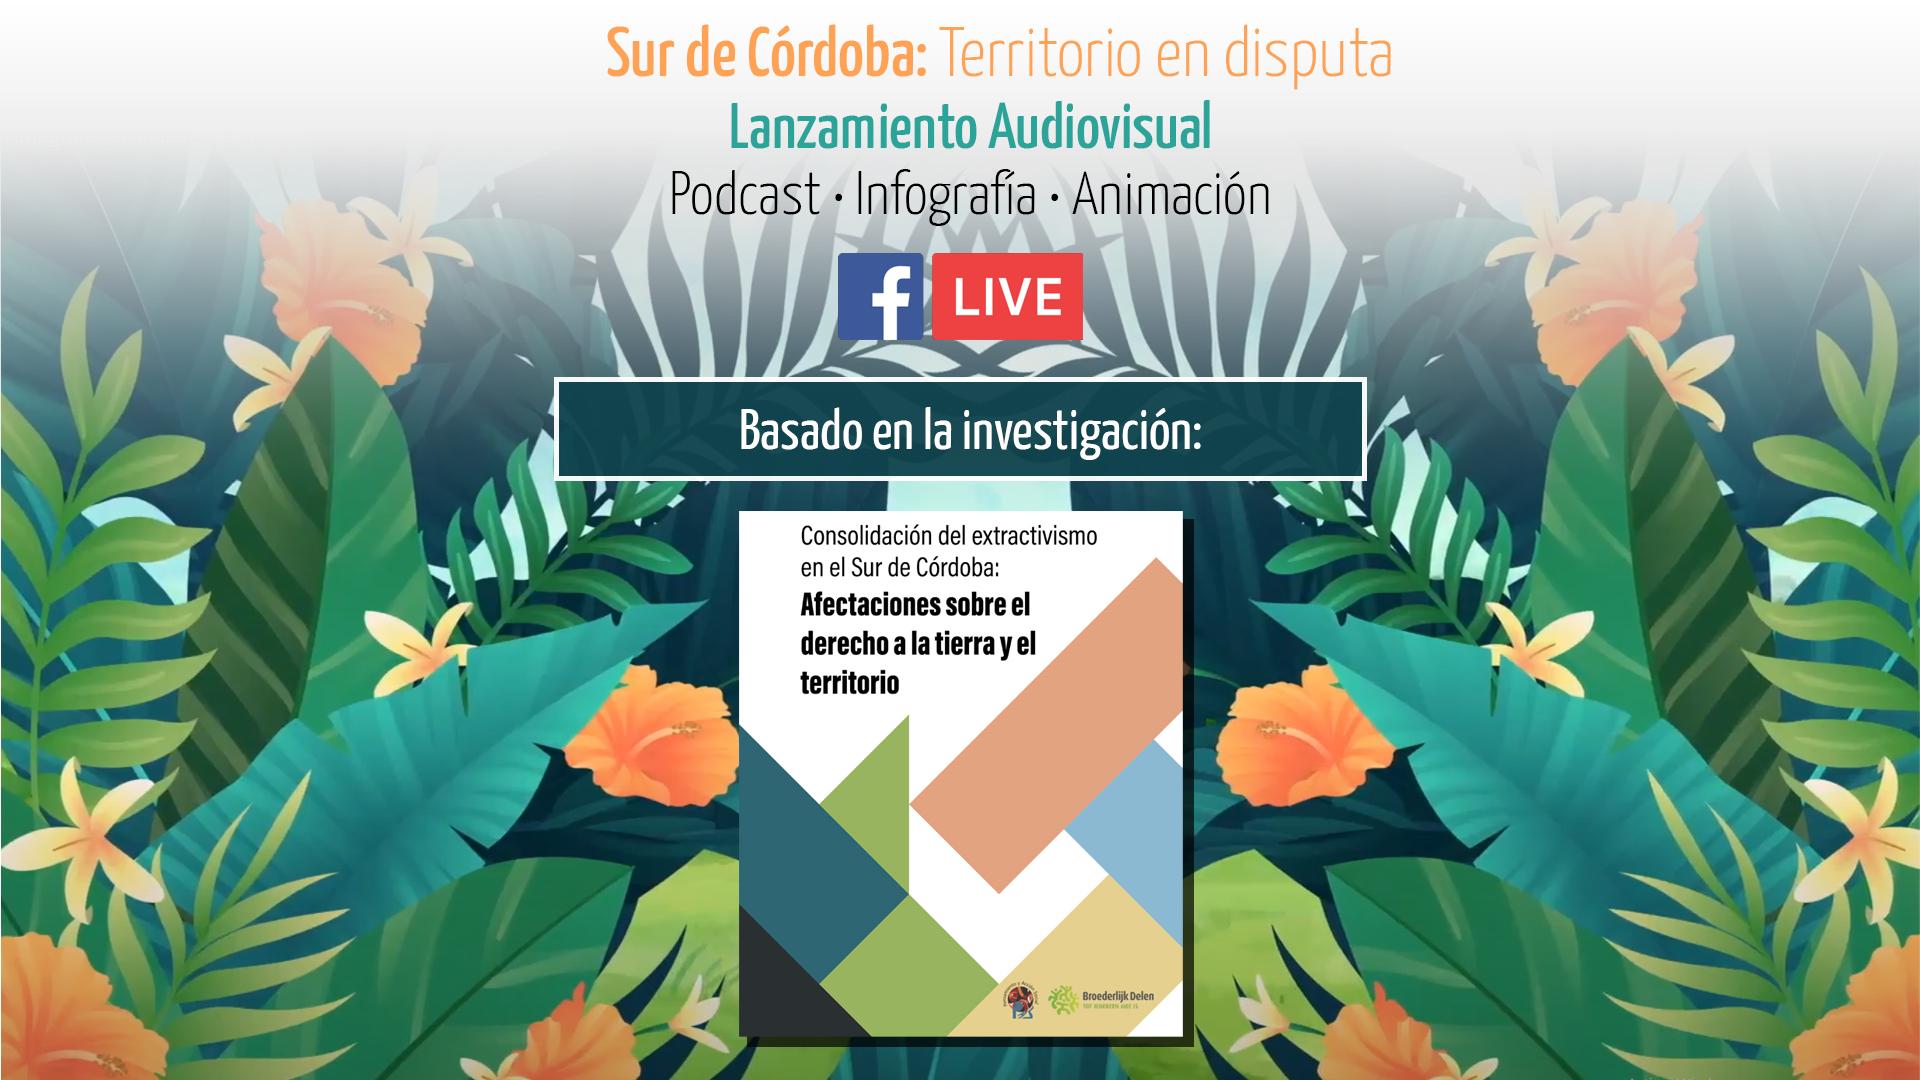 La tierra pa' quien la trabaja y la cuida: Sur de Córdoba, Territorio en disputa